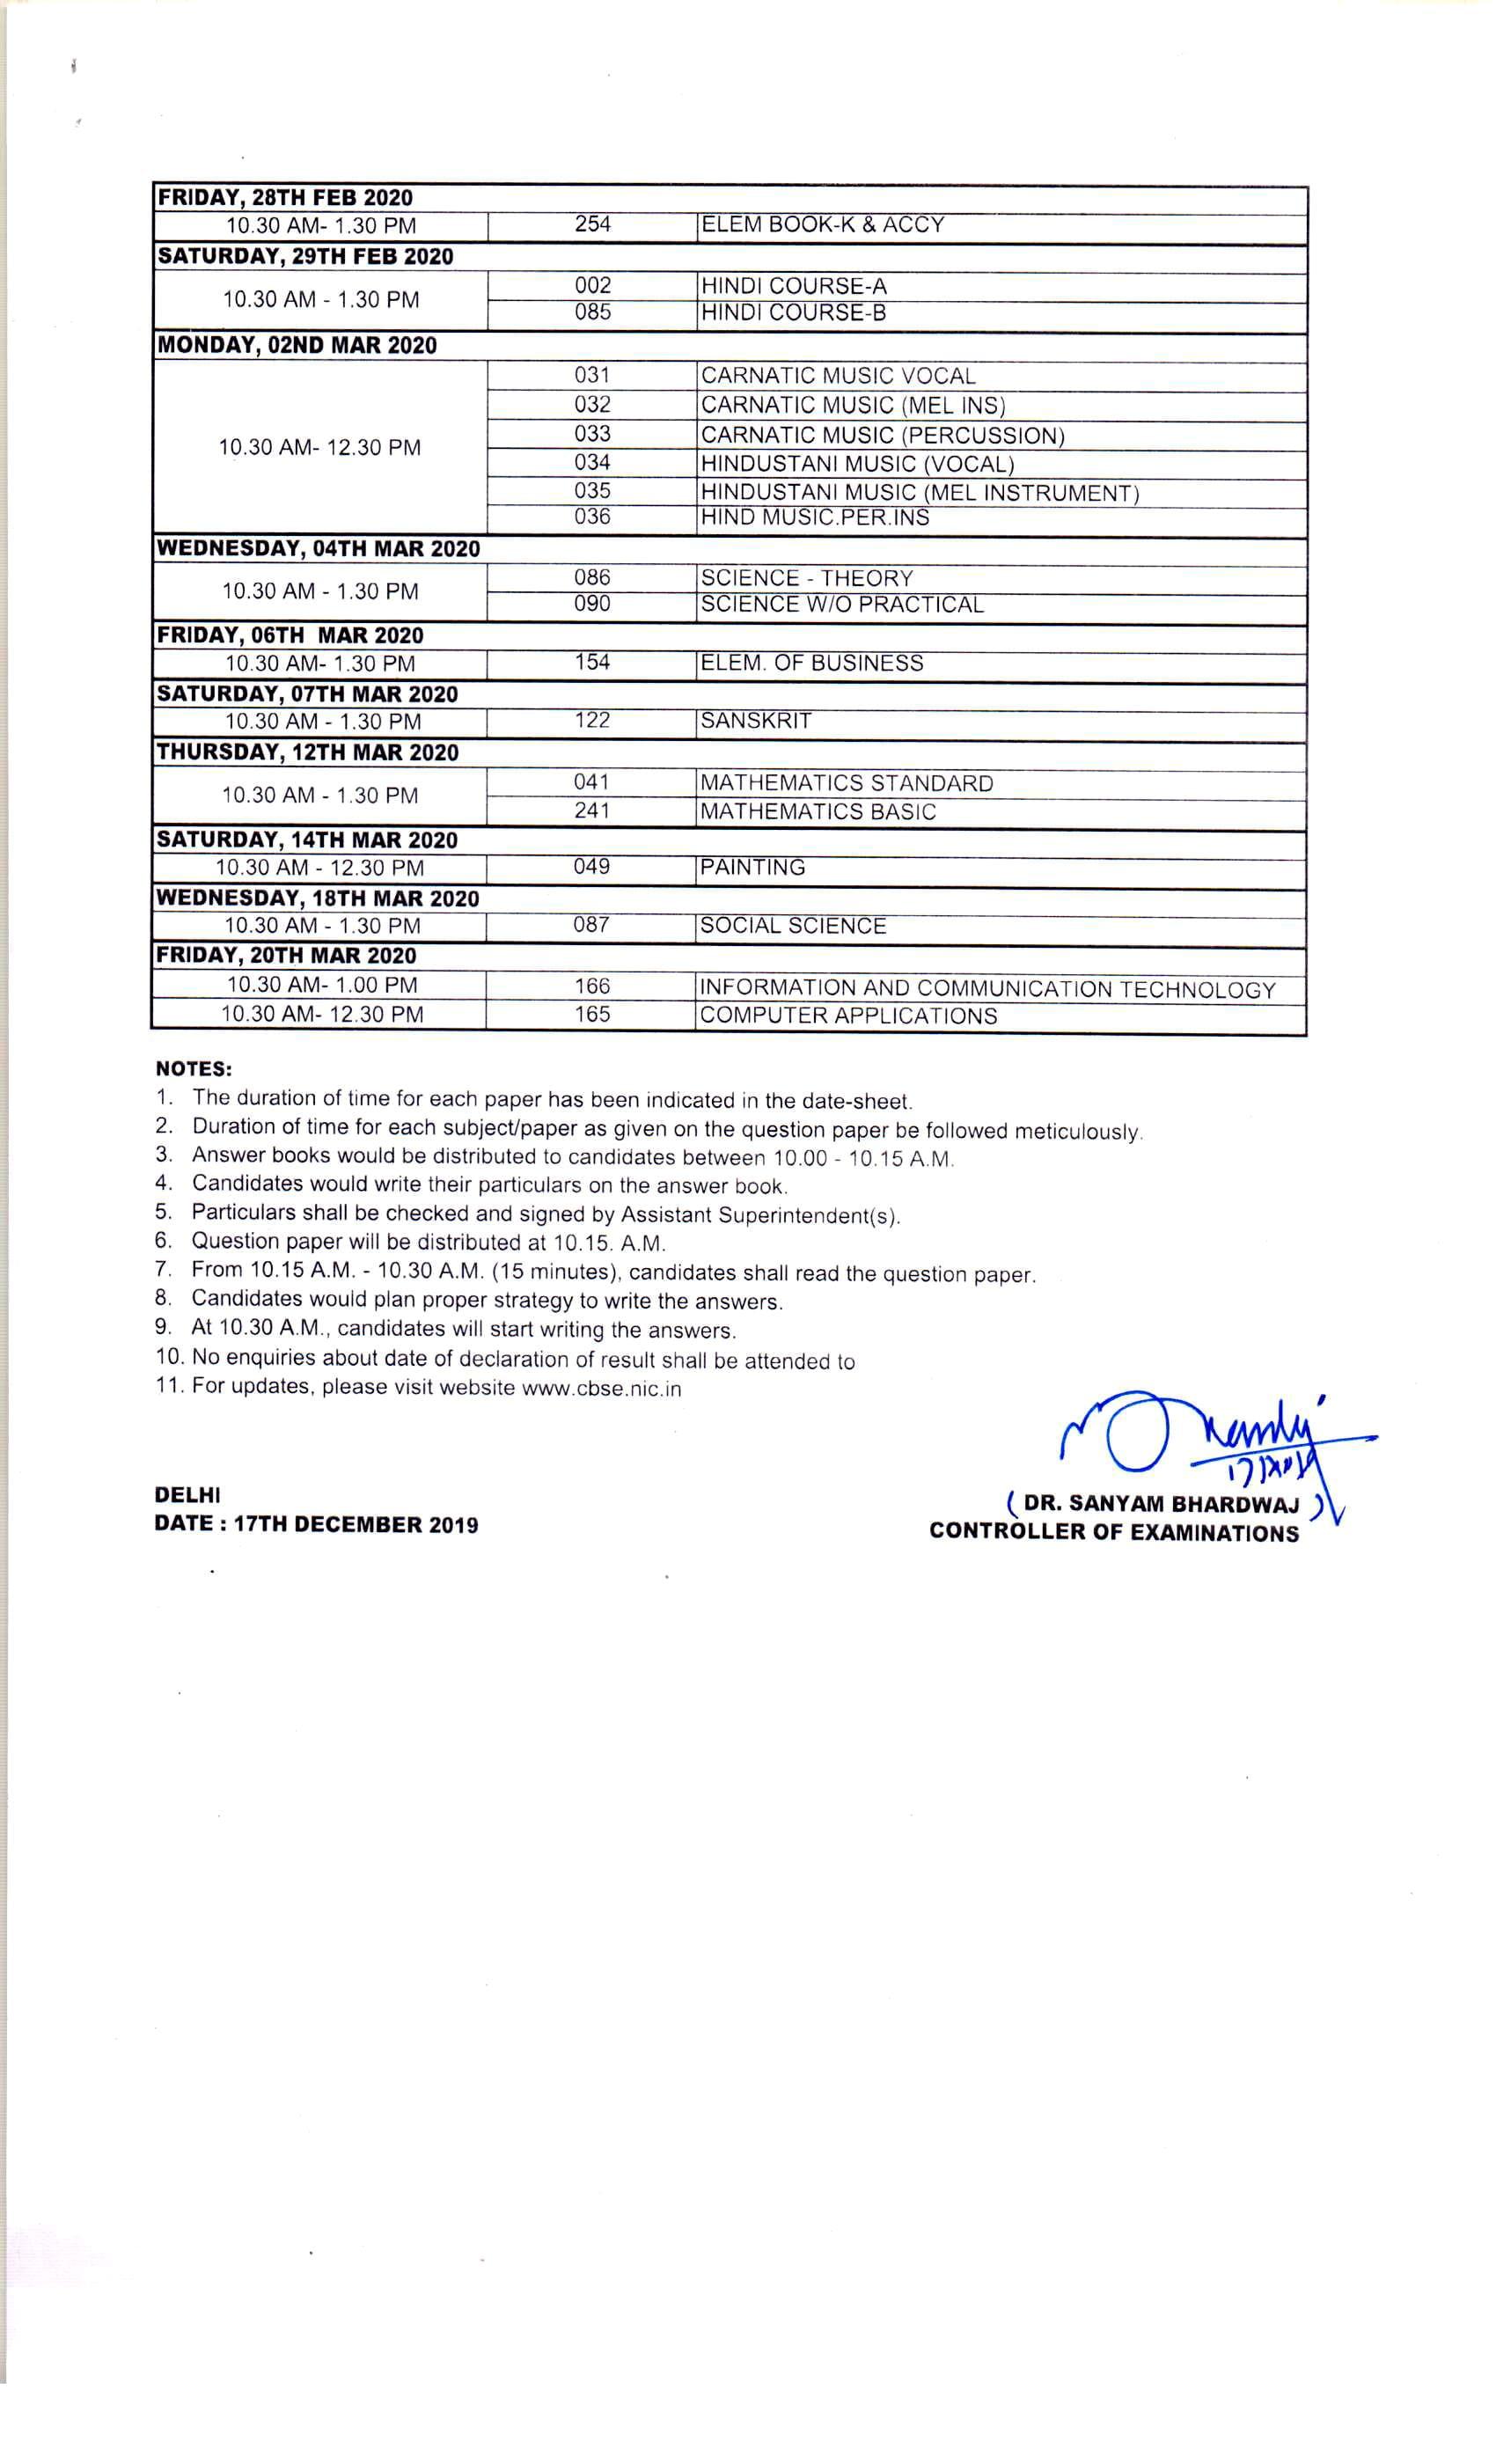 CBSE 10th Class Date Sheet